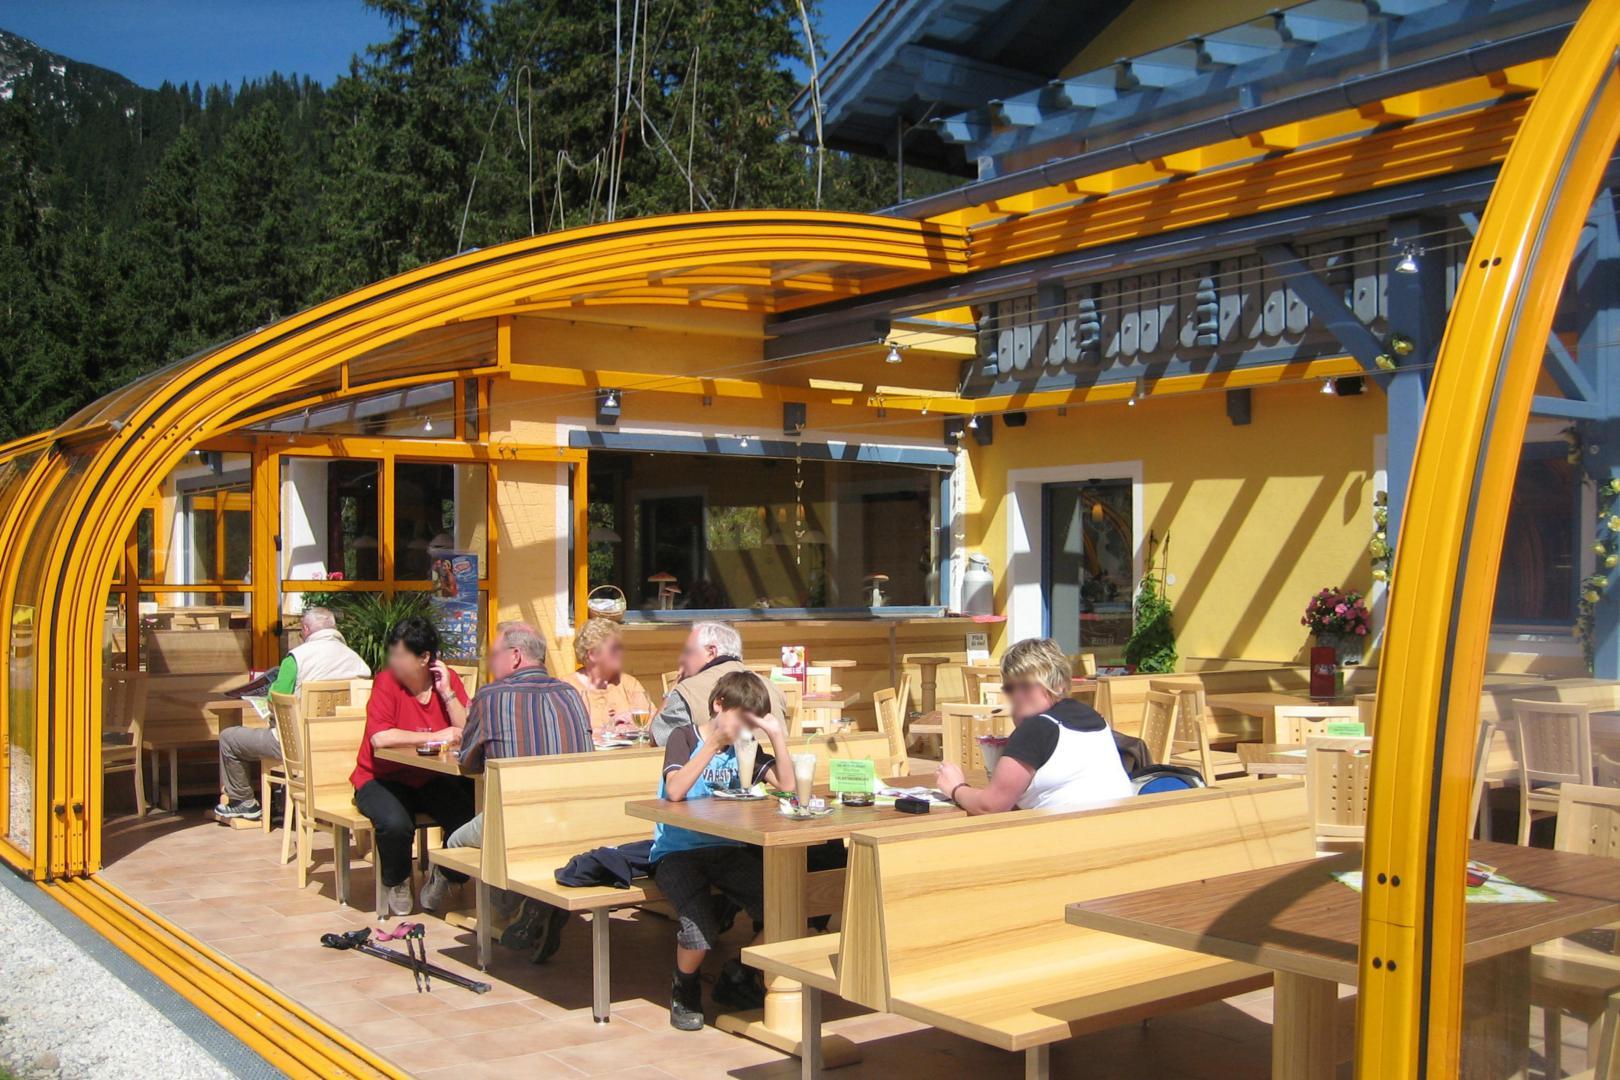 abri de terrasse mobile pour bar ou restaurant i vranda coulissante pour espace professionnel i modle